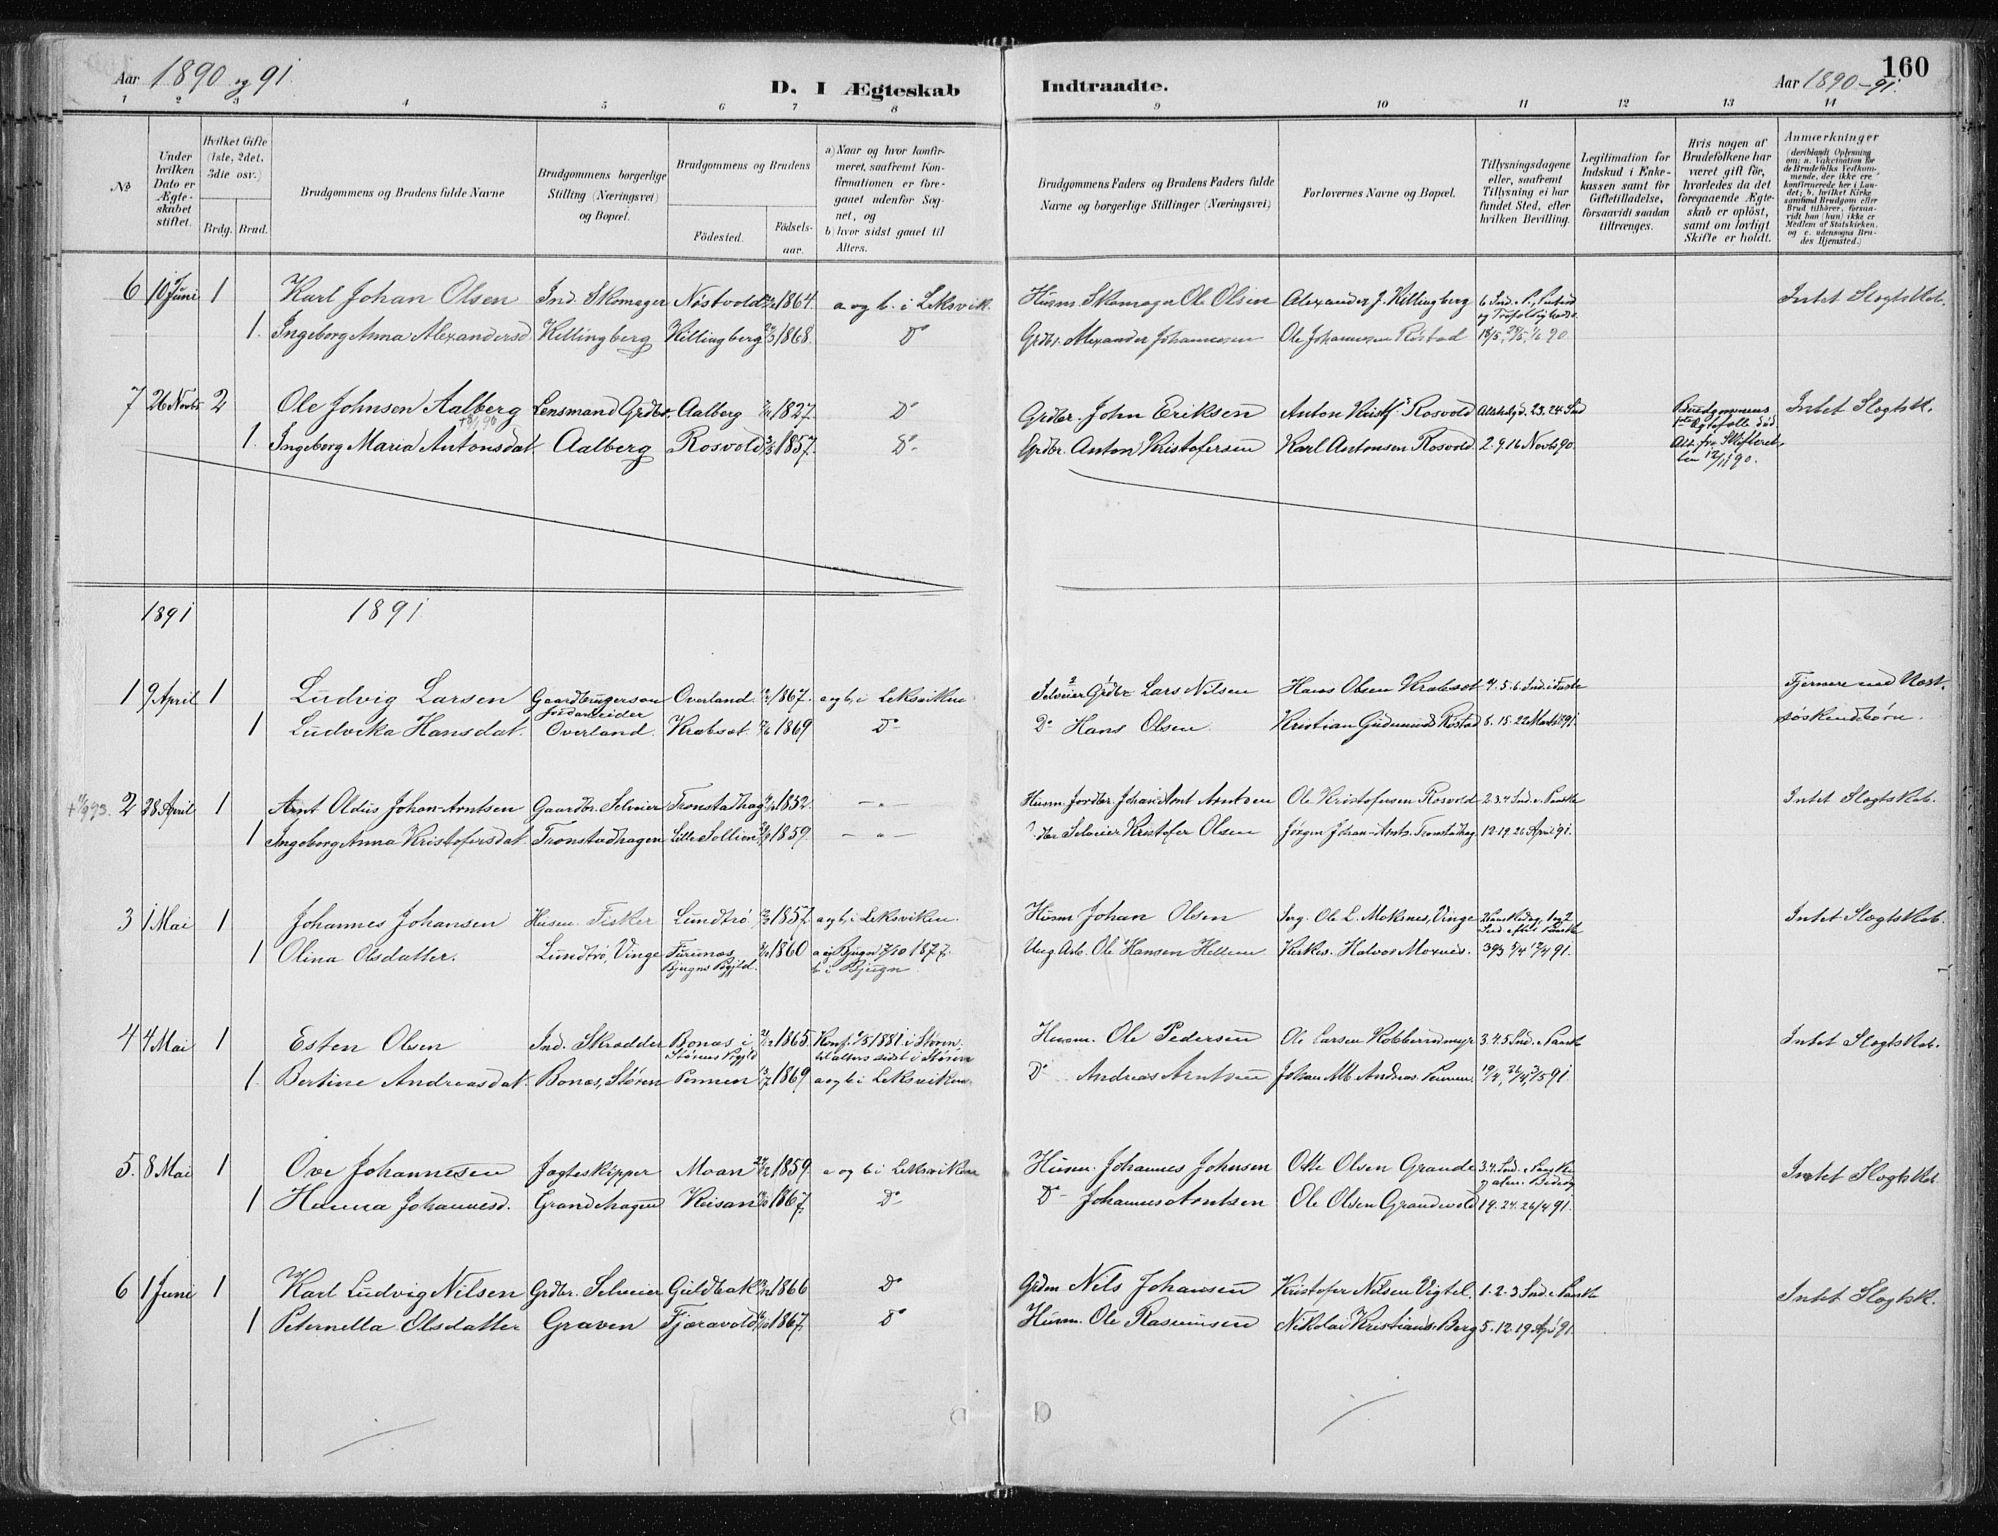 SAT, Ministerialprotokoller, klokkerbøker og fødselsregistre - Nord-Trøndelag, 701/L0010: Ministerialbok nr. 701A10, 1883-1899, s. 160